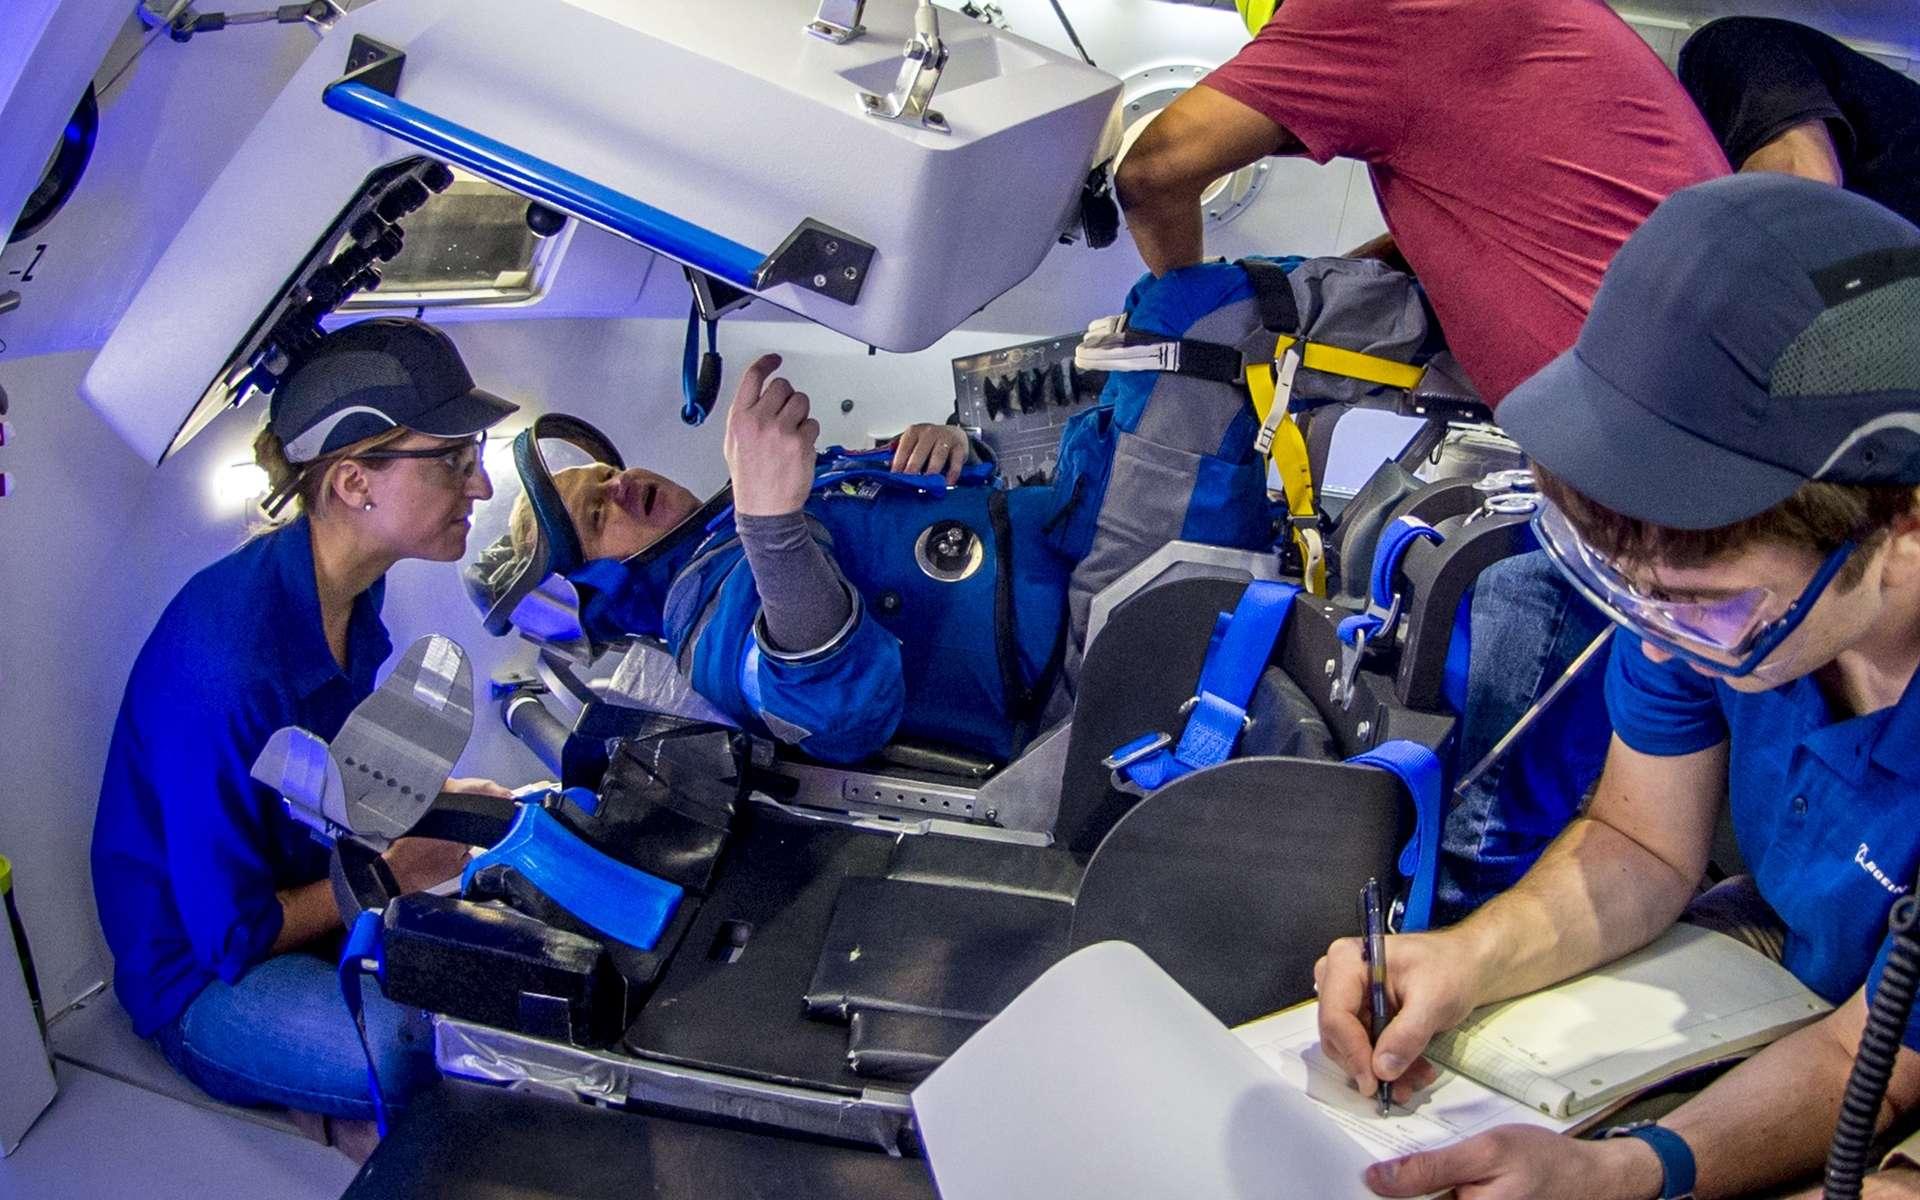 L'astronaute Eric Boe teste la nouvelle combinaison spatiale de Boeing à l'intérieur d'une maquette du cockpit de la future capsule Starliner. © Boeing